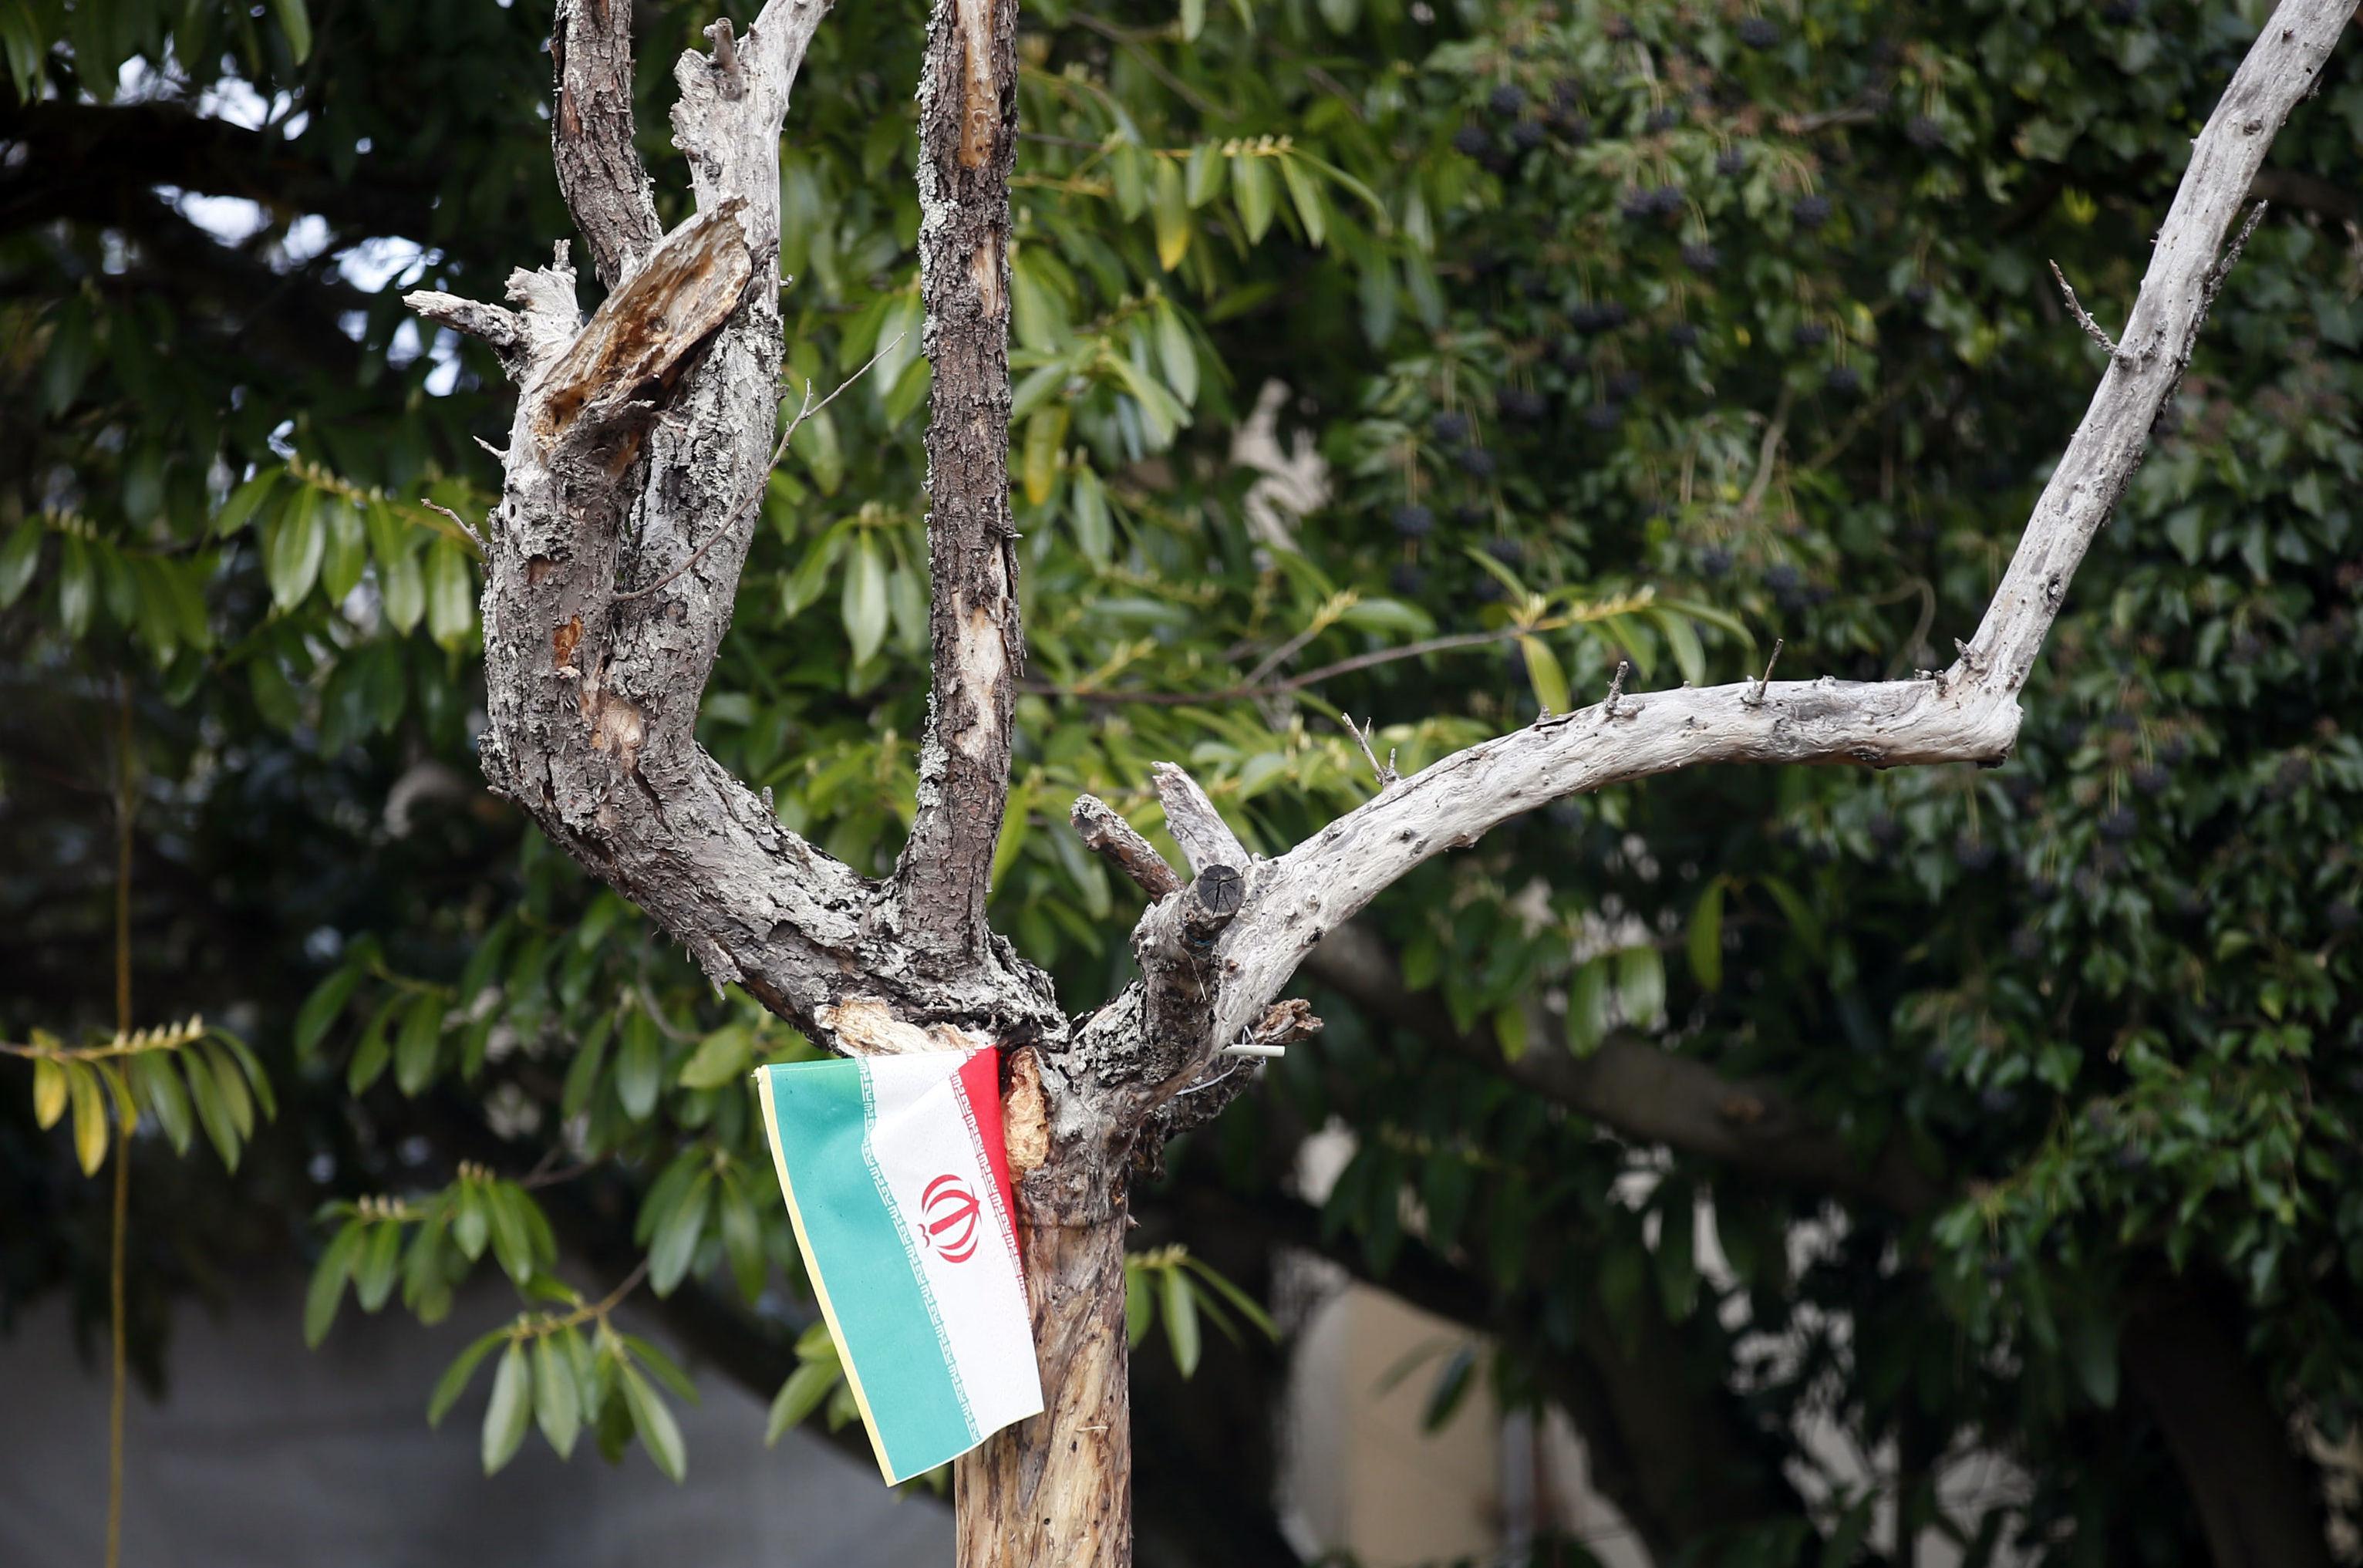 العلم الإيراني معلق على شجرة التفاح التي كان يصلي تحتها روح الله الخميني عندما كان مقيما في قرية نوفل لوشاتو  الفرنسية